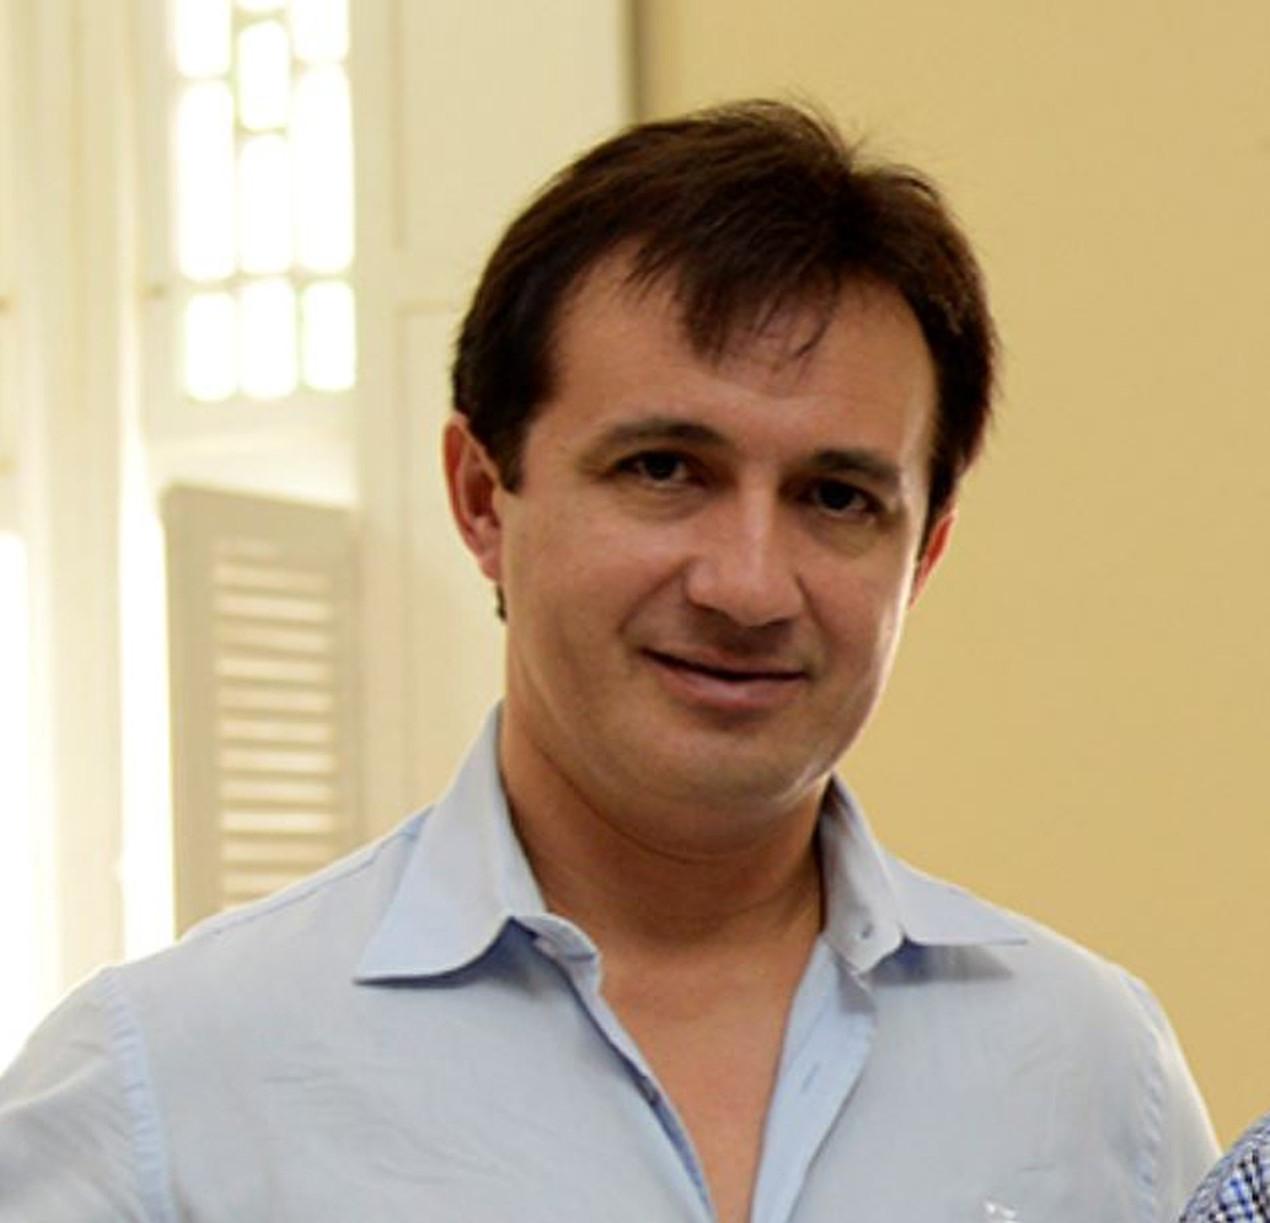 O professor Custódio Almeida foi o mais votado durante consulta pública para reitor da UFC (Foto: Divulgação/UFC)